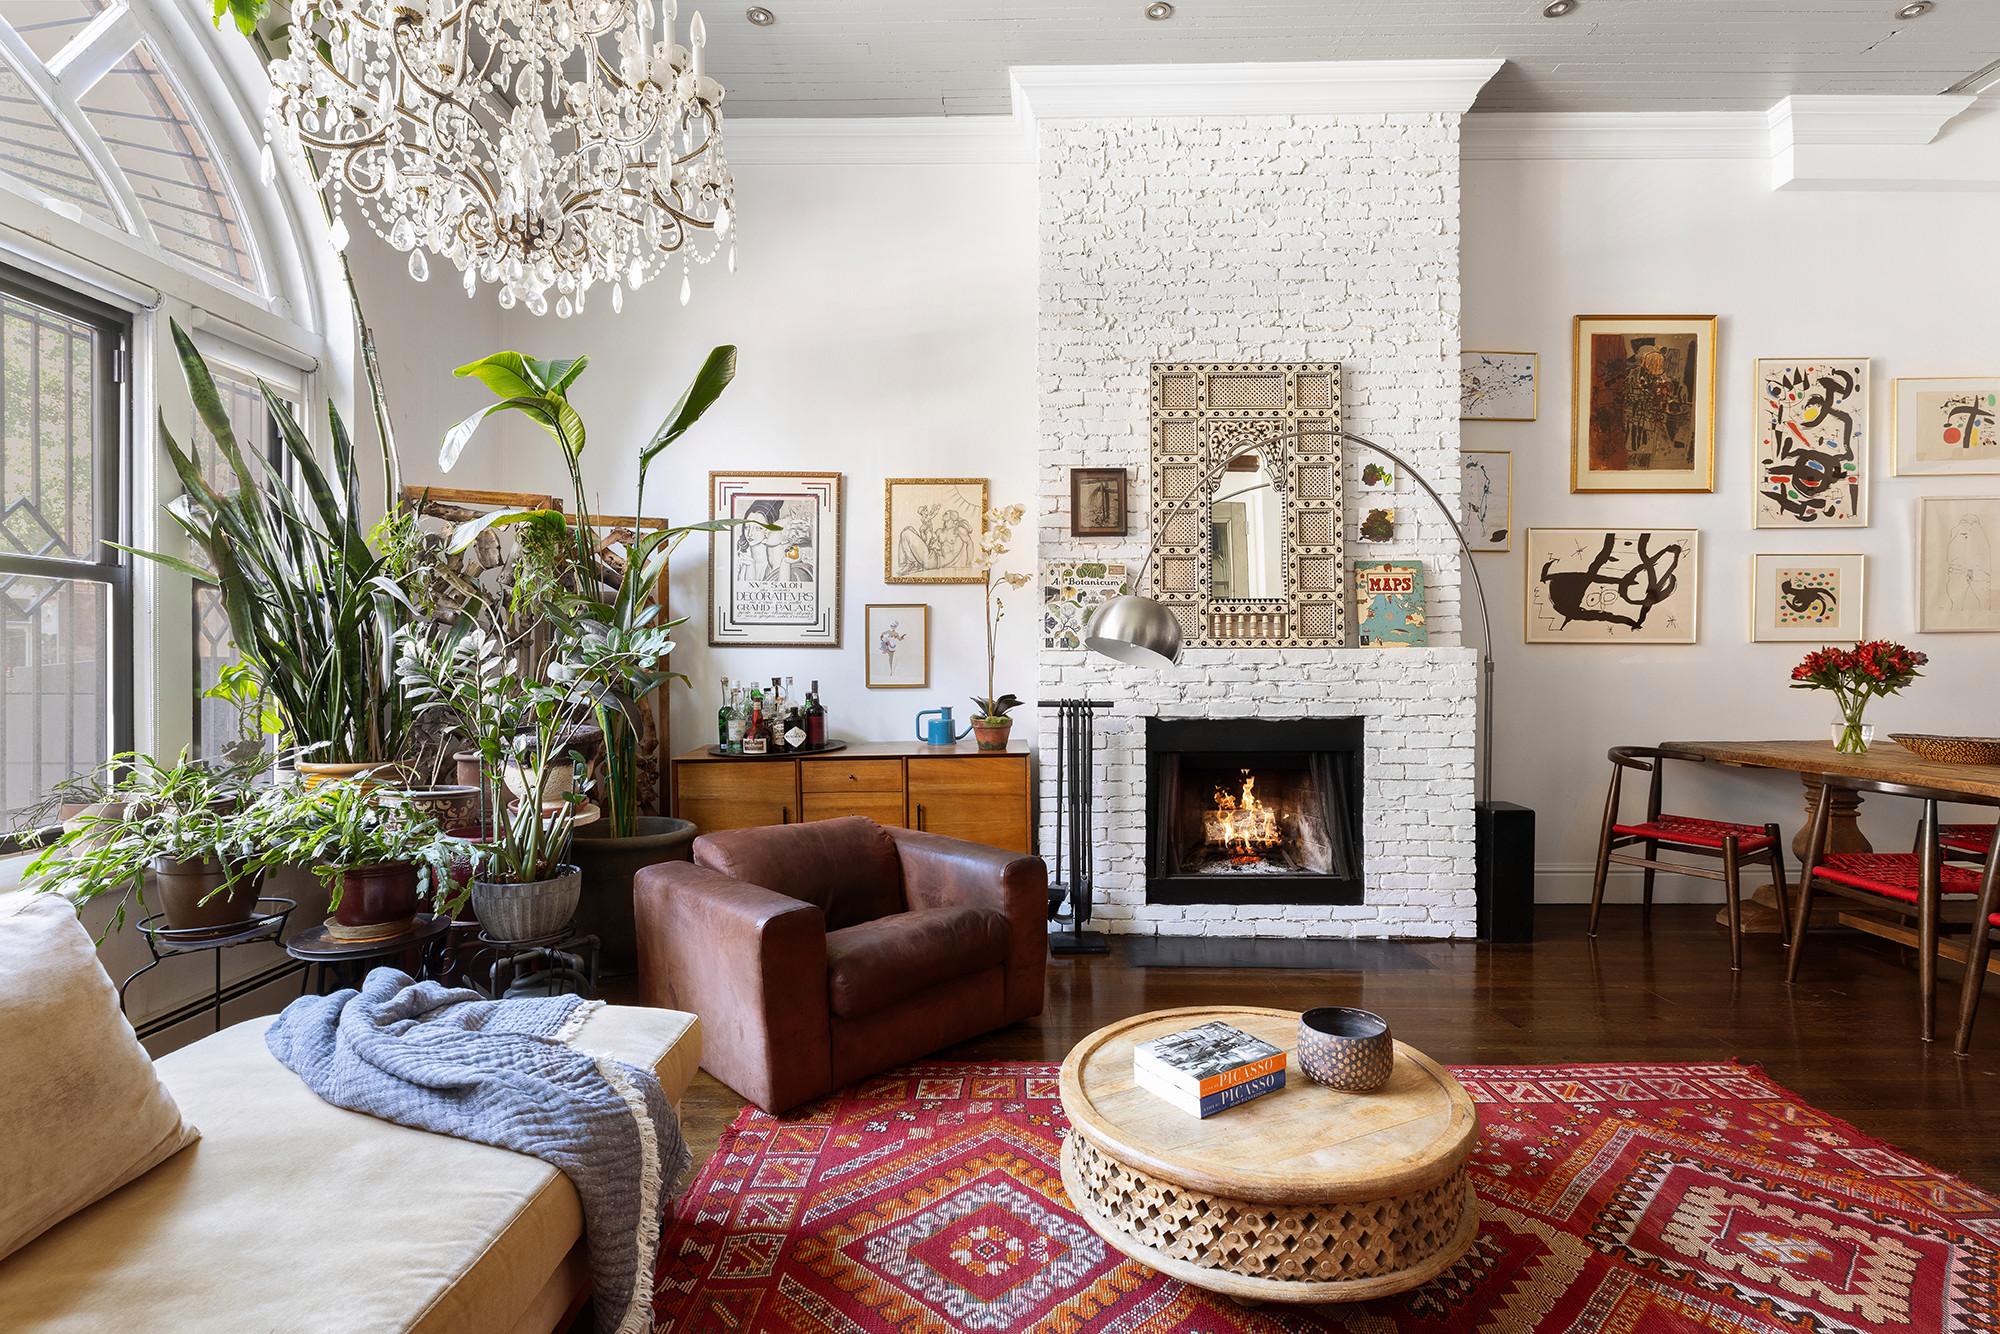 Biggie Smalls' Apartment Living Room 2